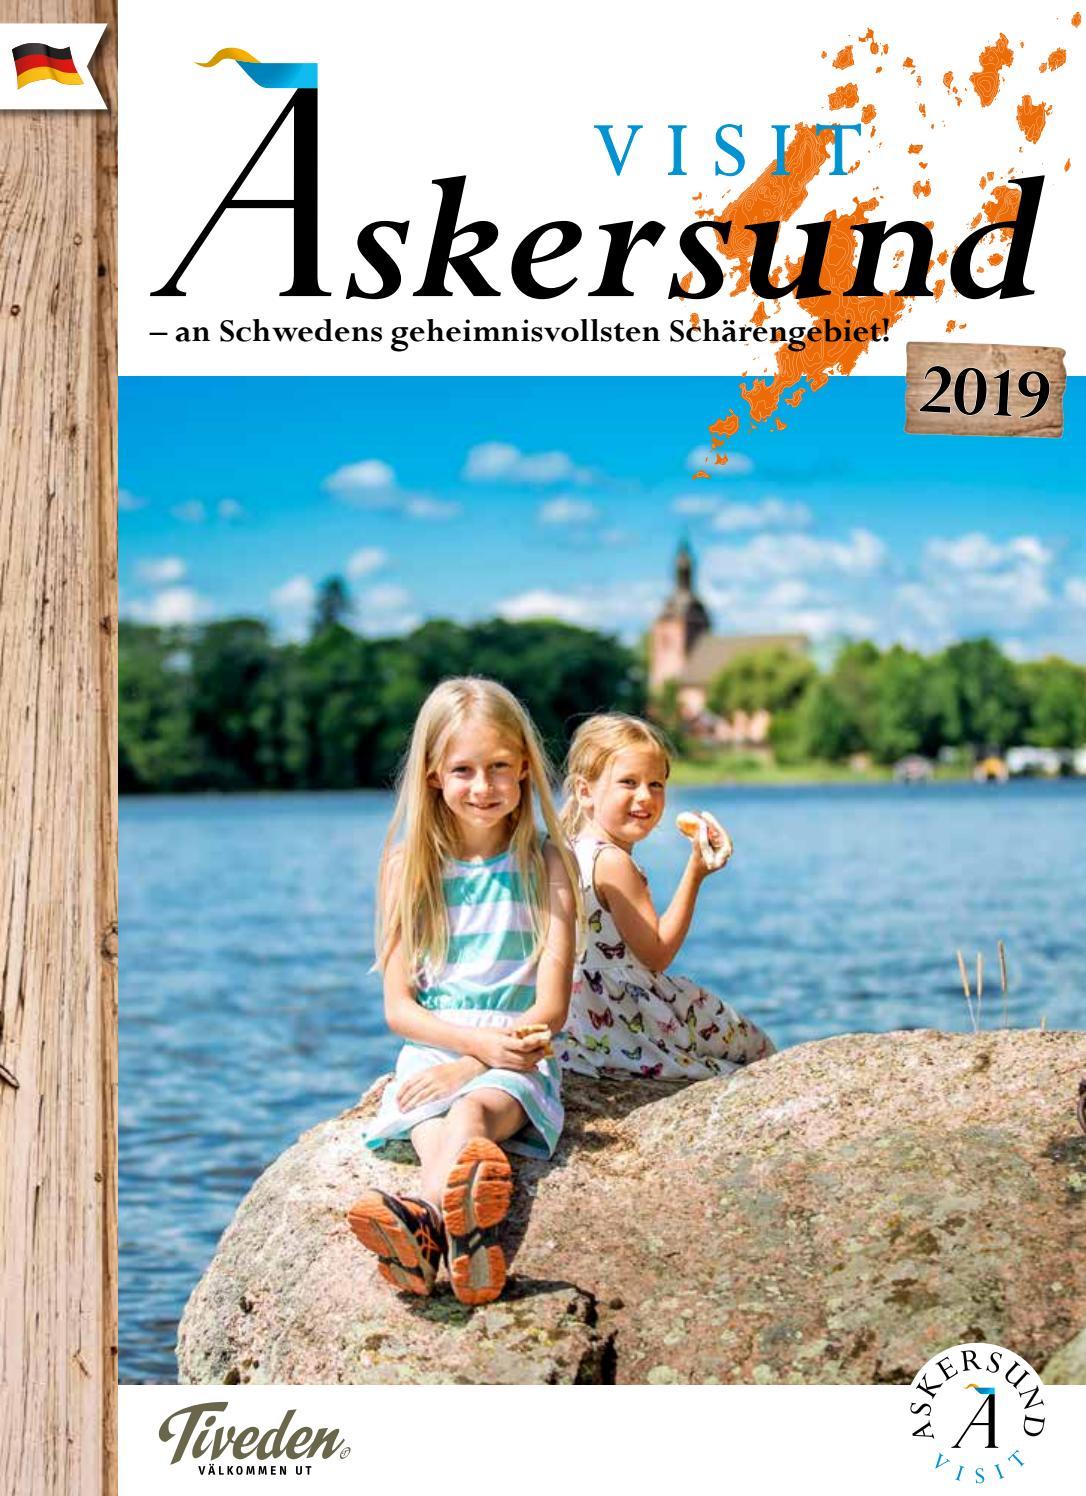 a00ec85602f6d8 Touristbroschure 2019 Die Kommune Askersund by Bild & Kultur AB - issuu